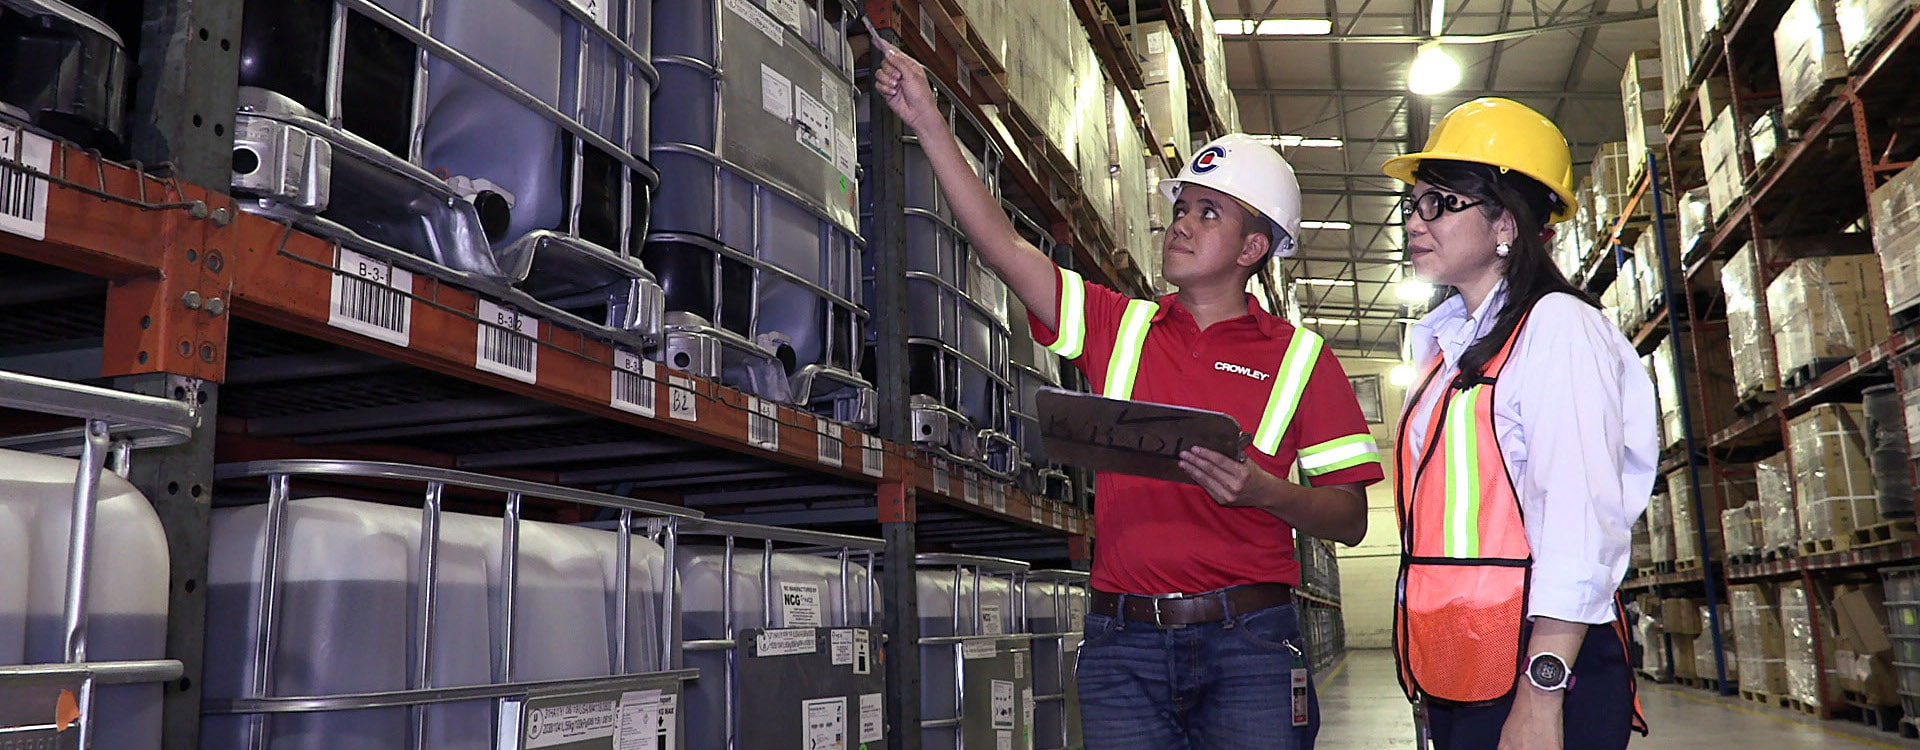 warehouses hero